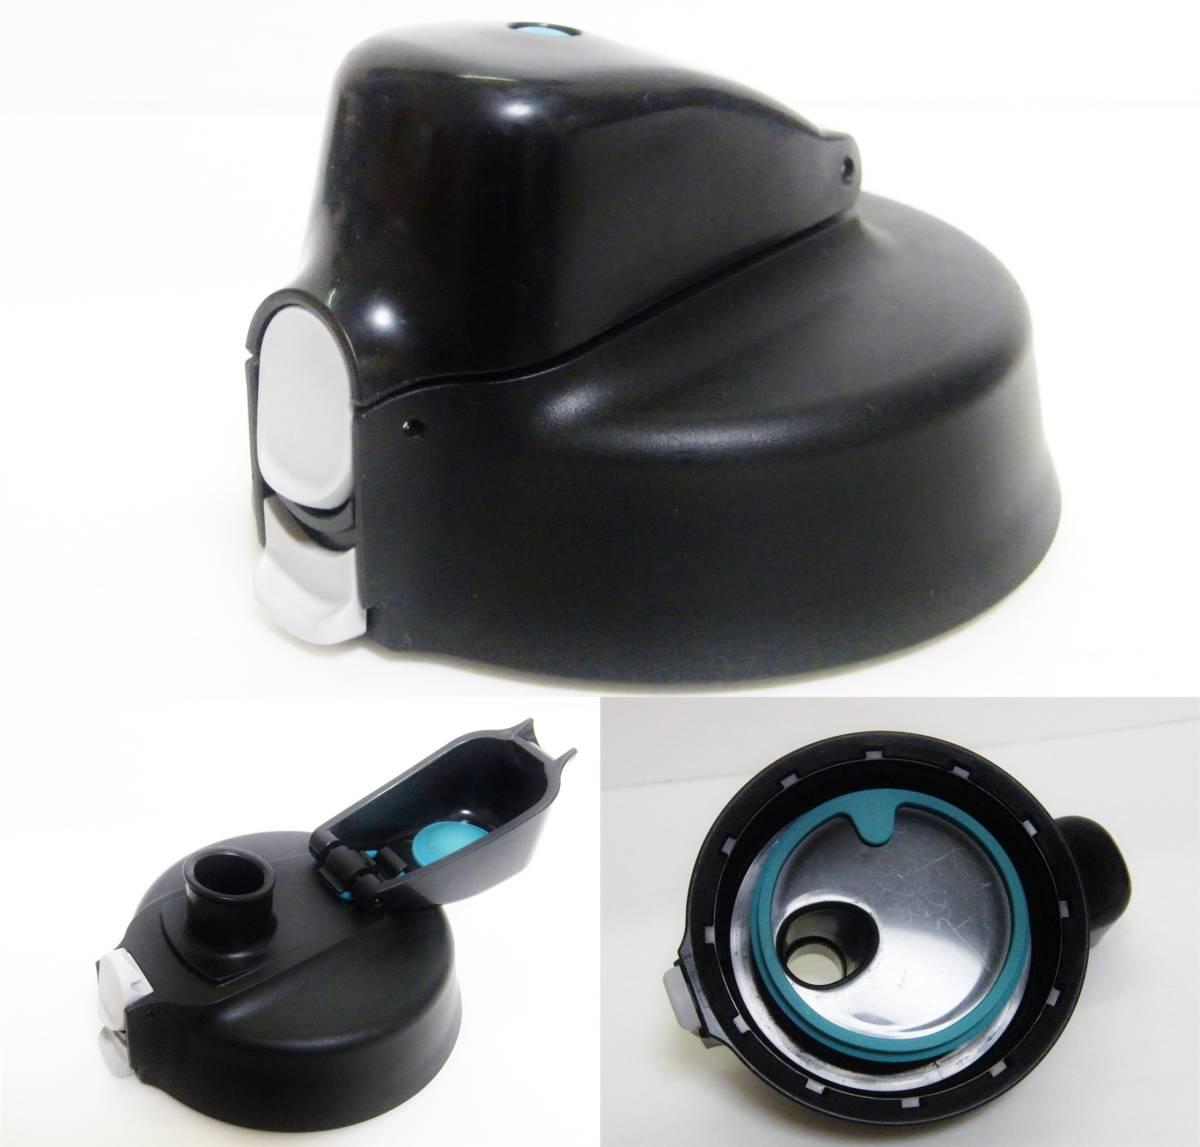 サーモス 真空断熱スポーツジャグ 2000ml ワンタッチオープン/ 持ちやすいハンドル付 保冷専用水筒 THERMOS FFO-2000-PL 2.0L パープル美品_画像7